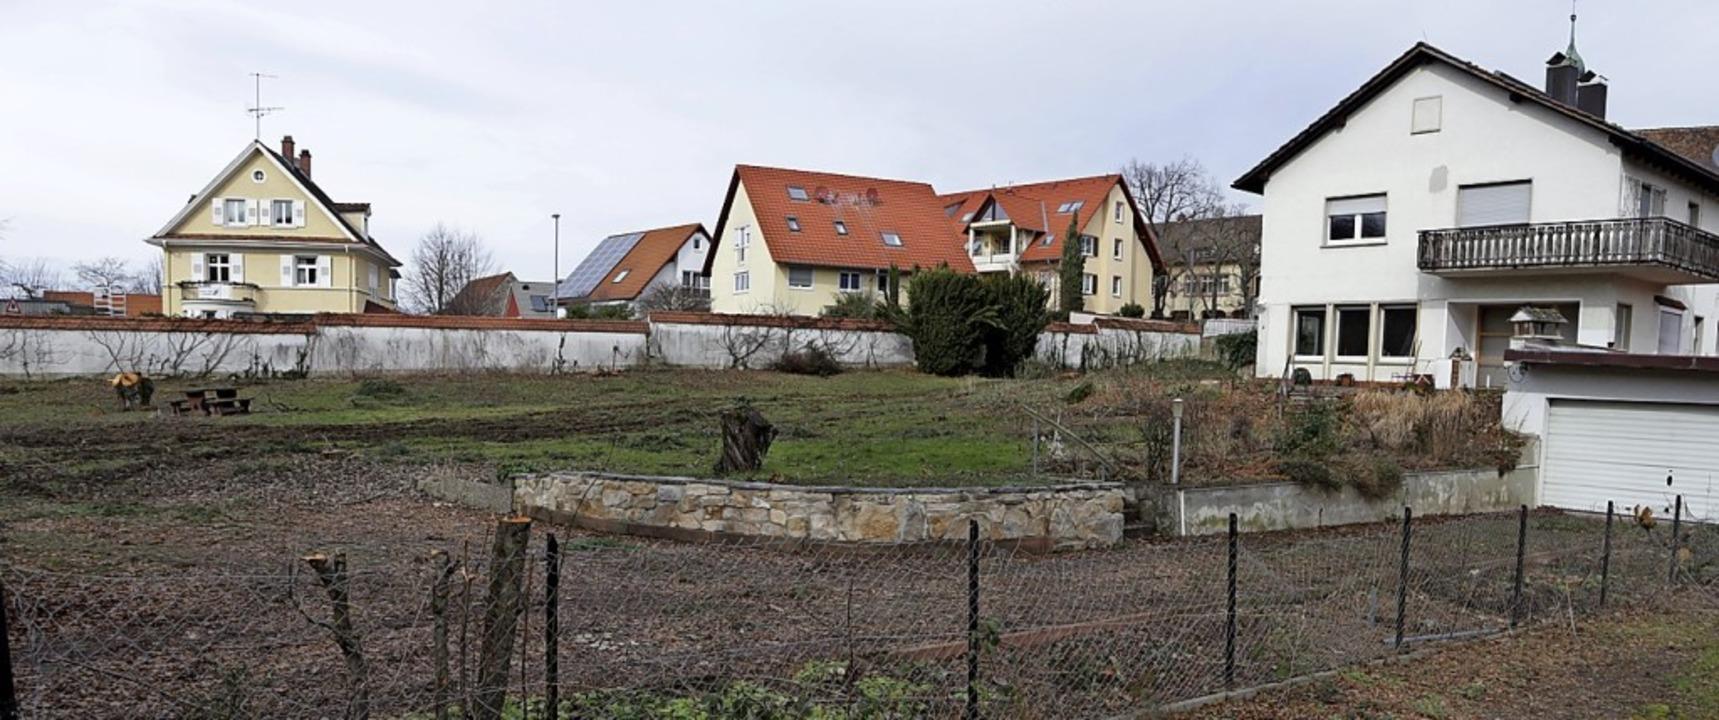 Dieses private Grundstück  beim Klemmbach in Müllheim wurde gerodet.    Foto: Alexander Huber